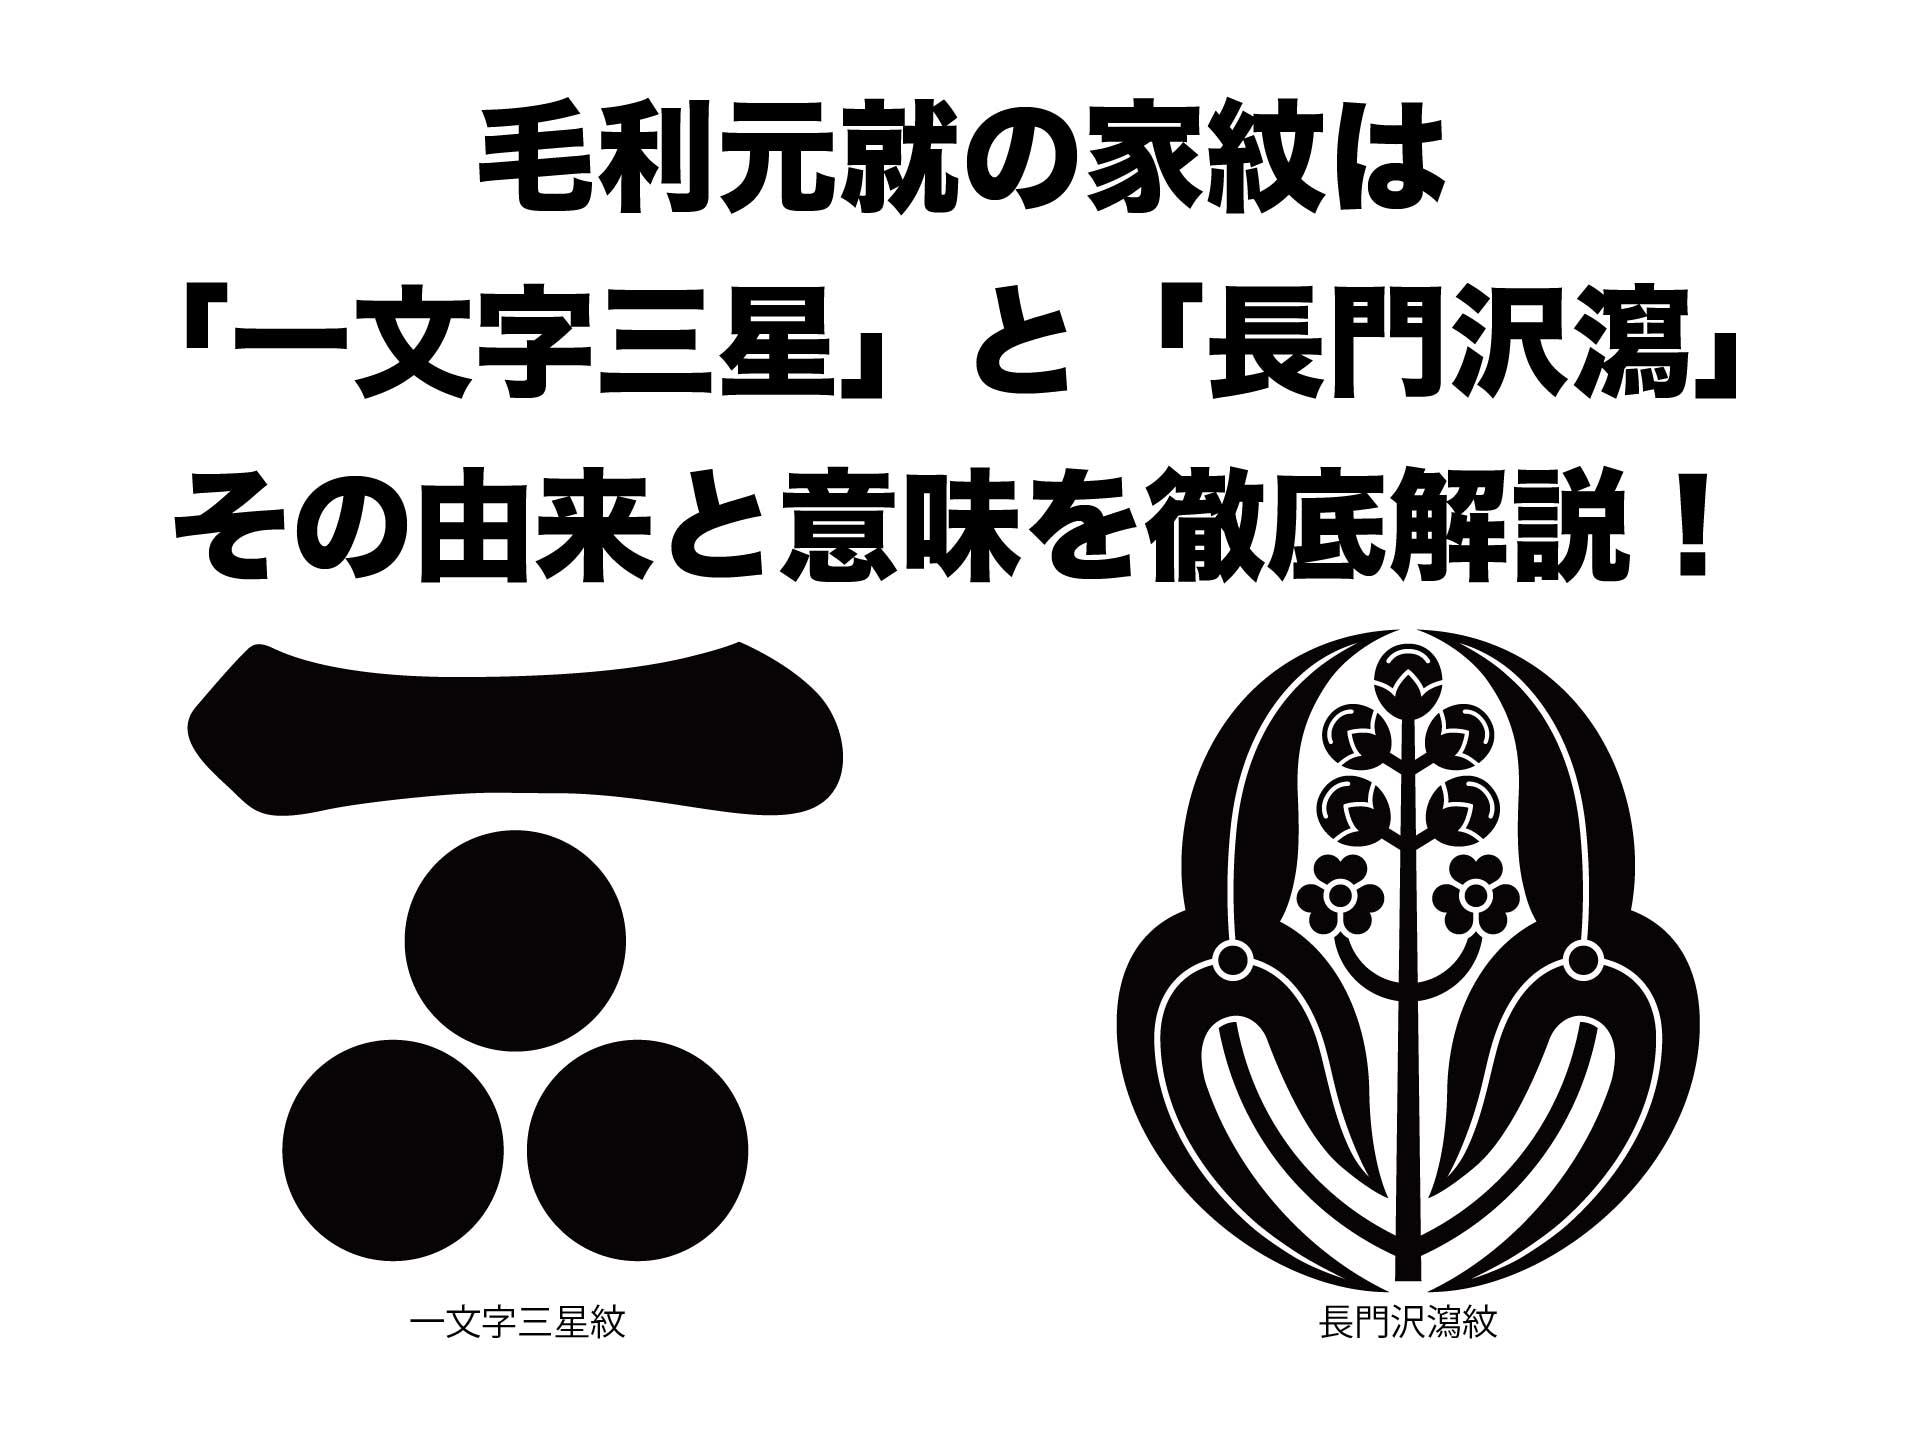 毛利元就の家紋は「一文字三星紋」「長門沢瀉紋」家紋に込められたの意味は?